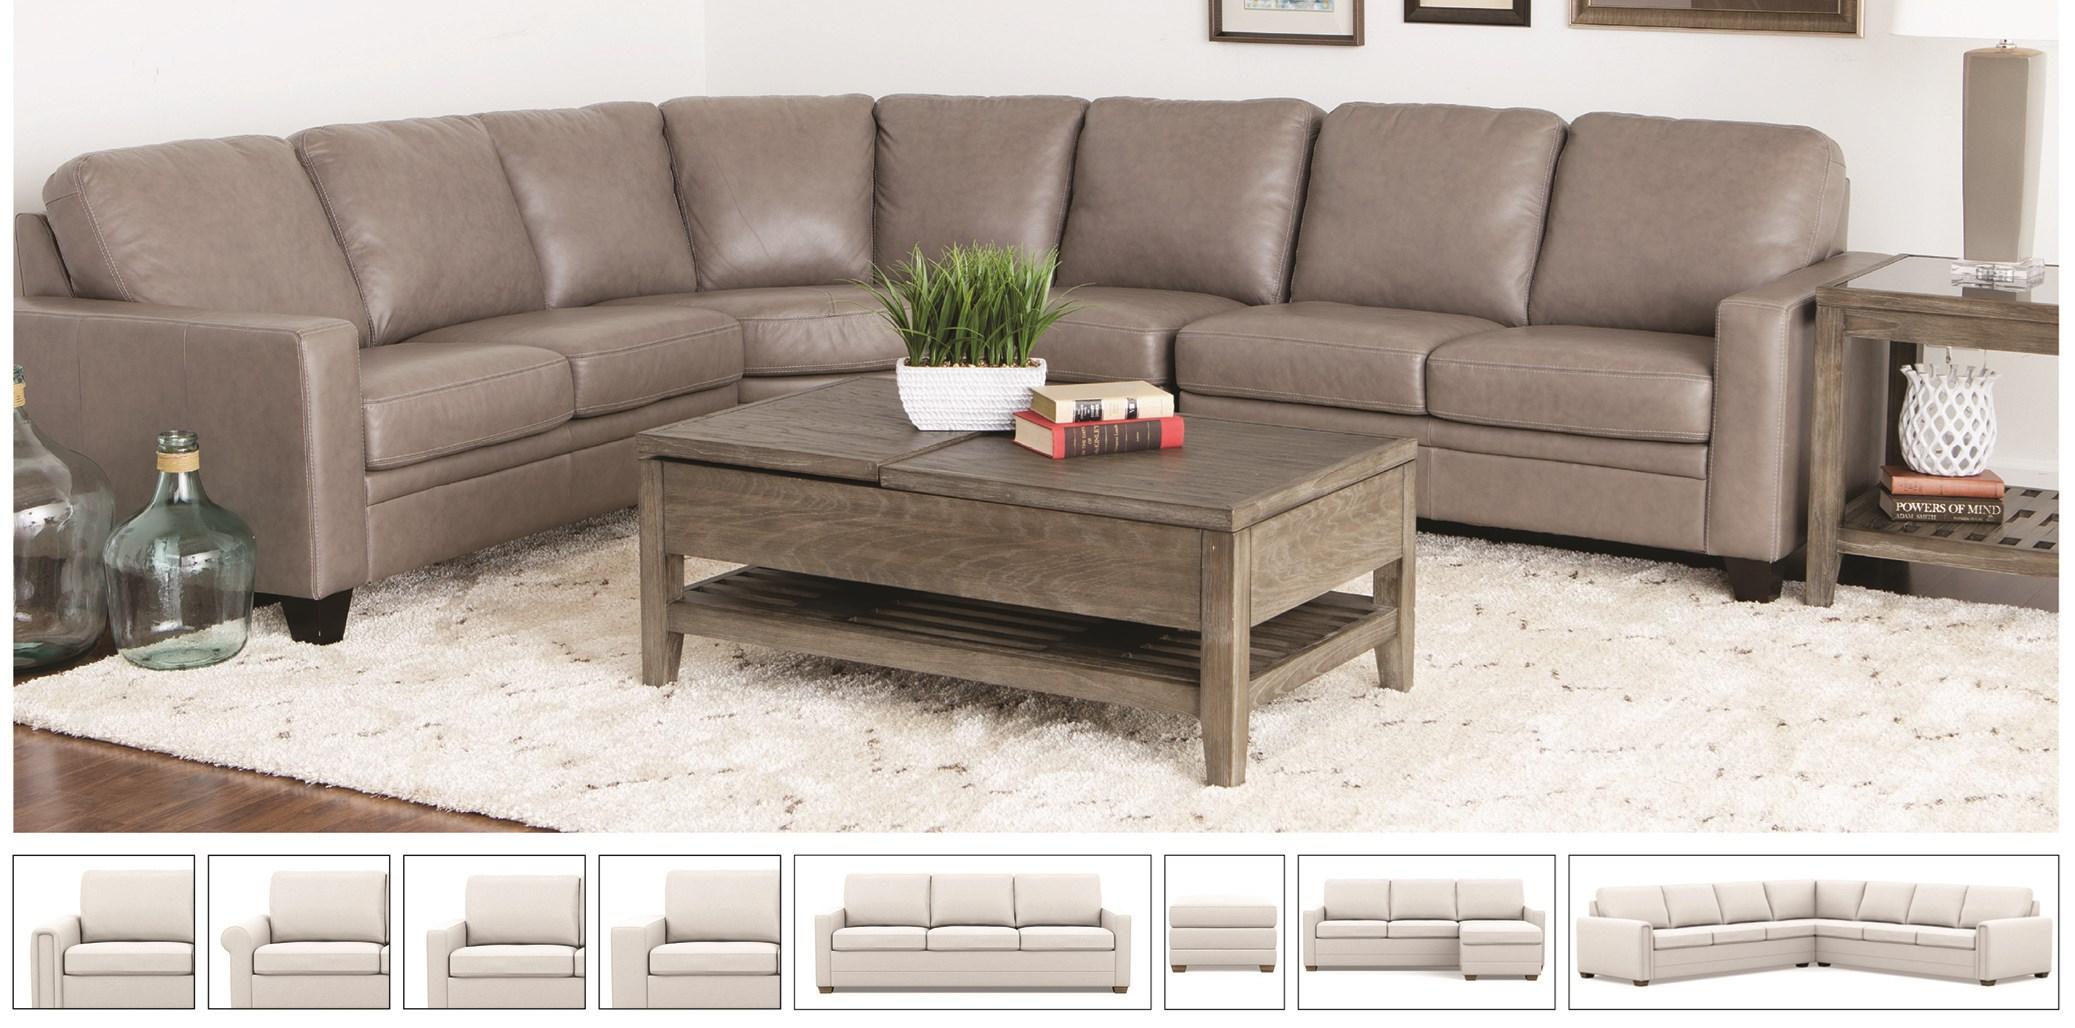 Custom Furniture at Darvin